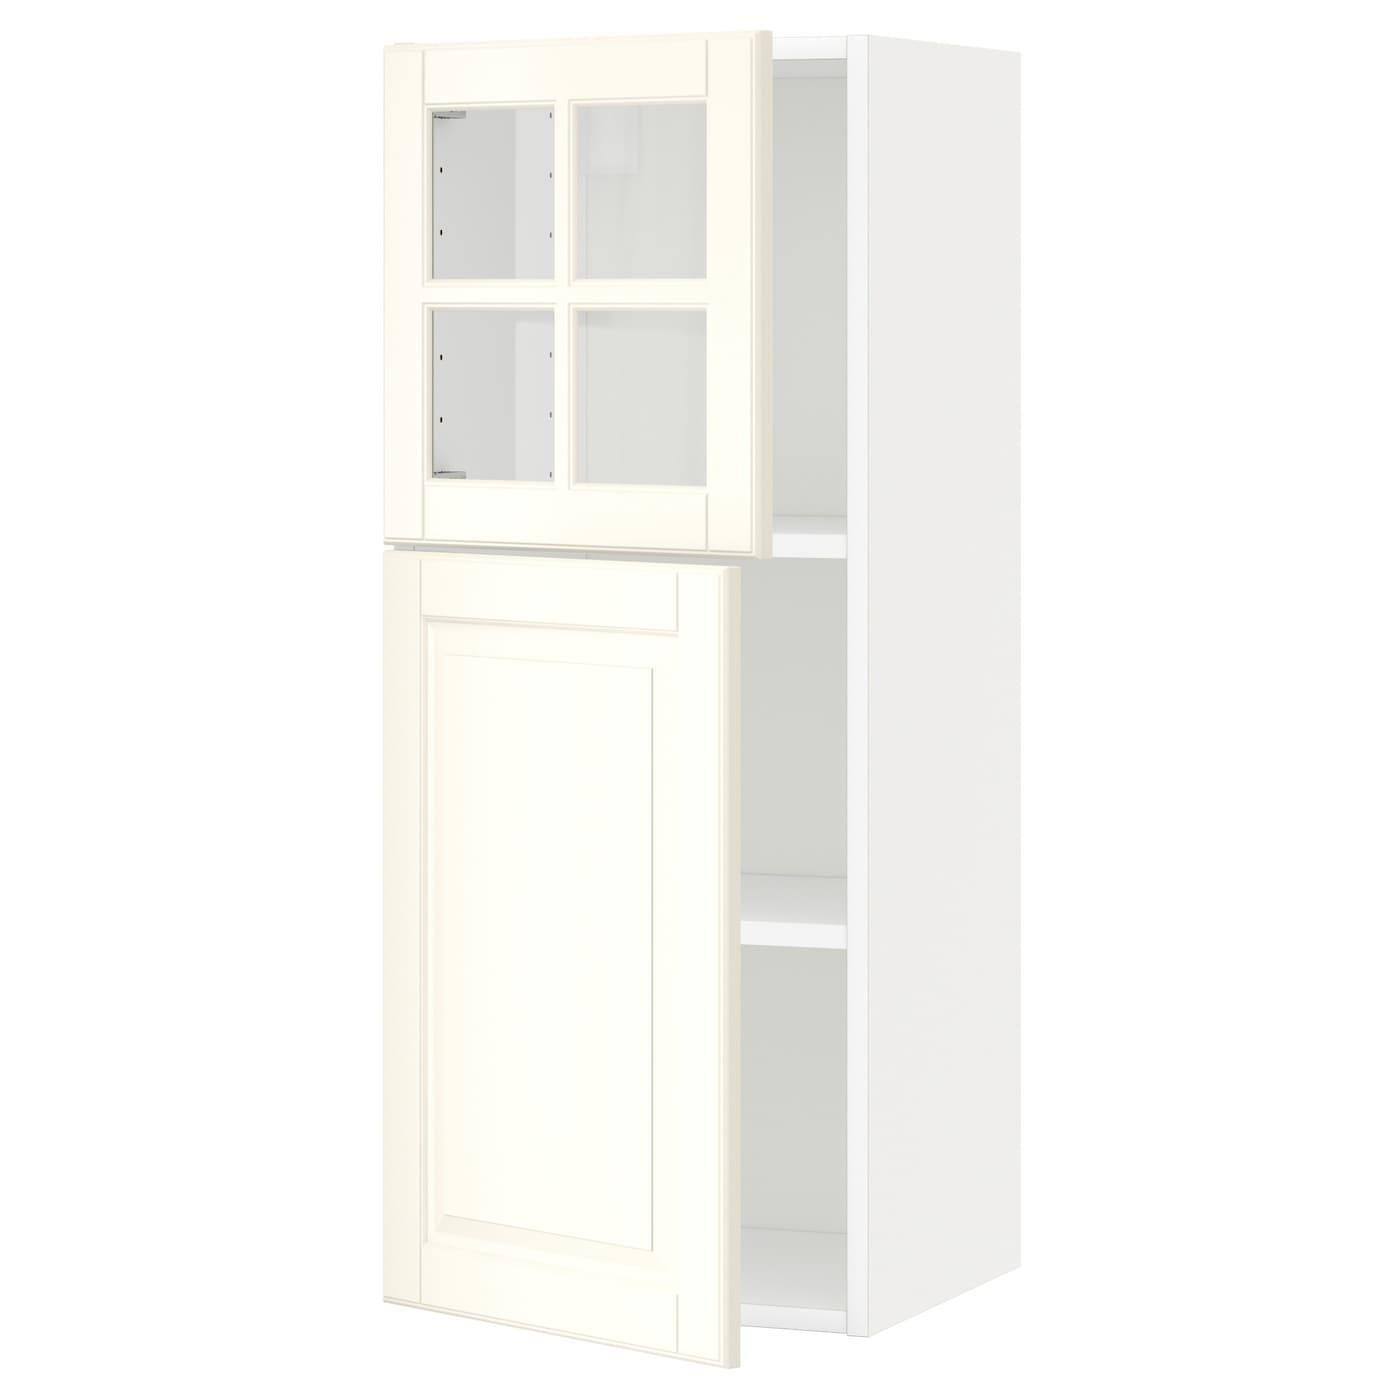 Wall Cabinets Kitchen Wall Units Ikea